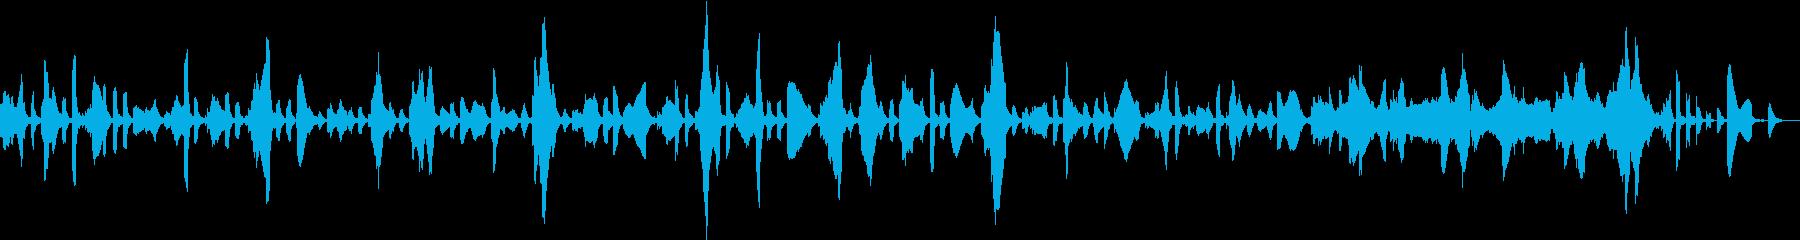 ストリングス&ピチカートをバックにエレ…の再生済みの波形